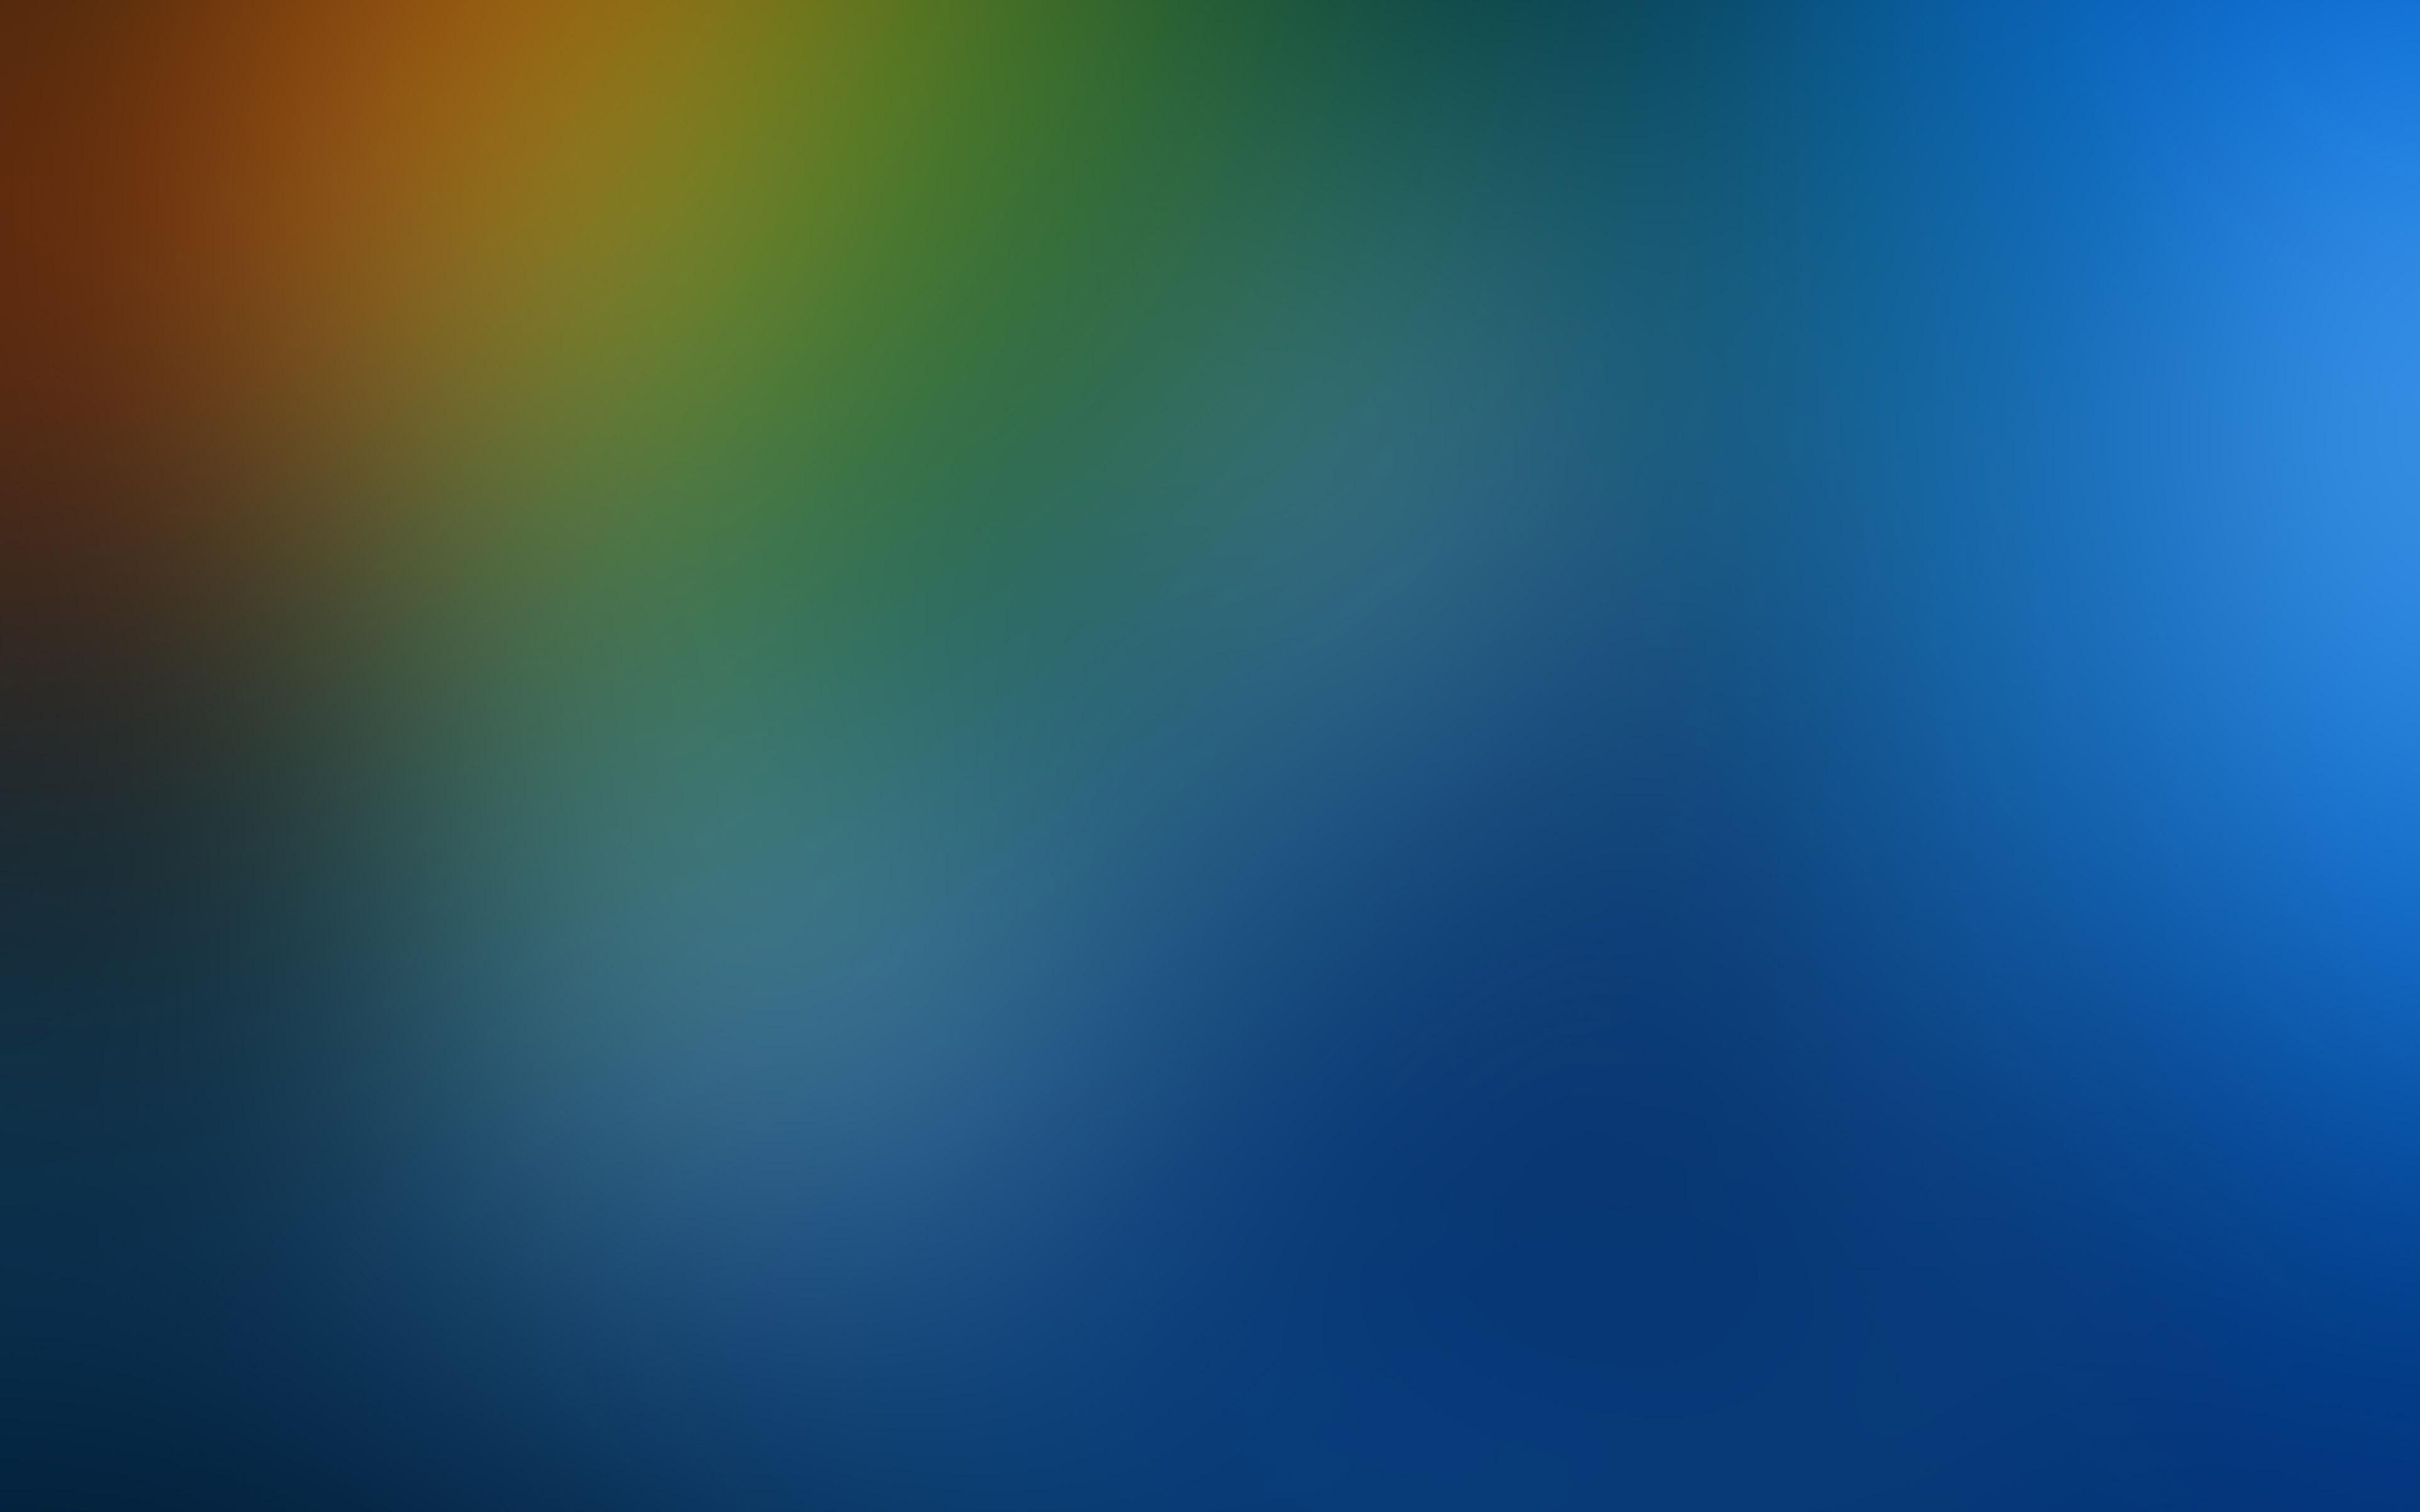 sc12-galaxy-note-4-wallpaper-bokeh-blur - Papers.co